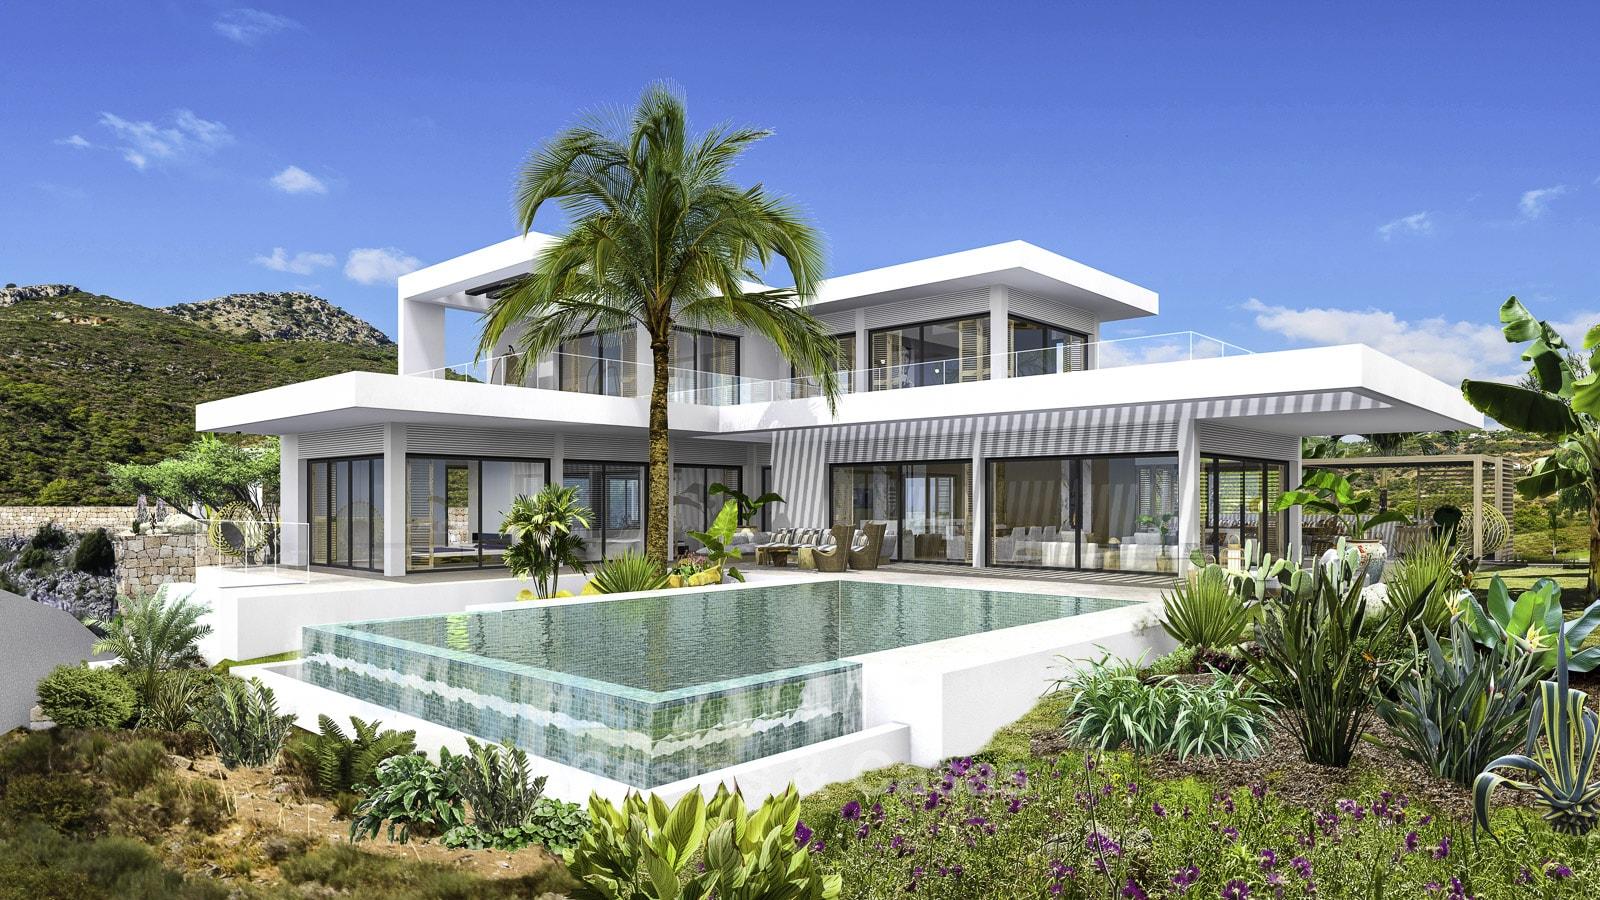 Villa de luxe moderne neuve avec vue panoramique sur la mer à vendre -  Benahavis, Marbella